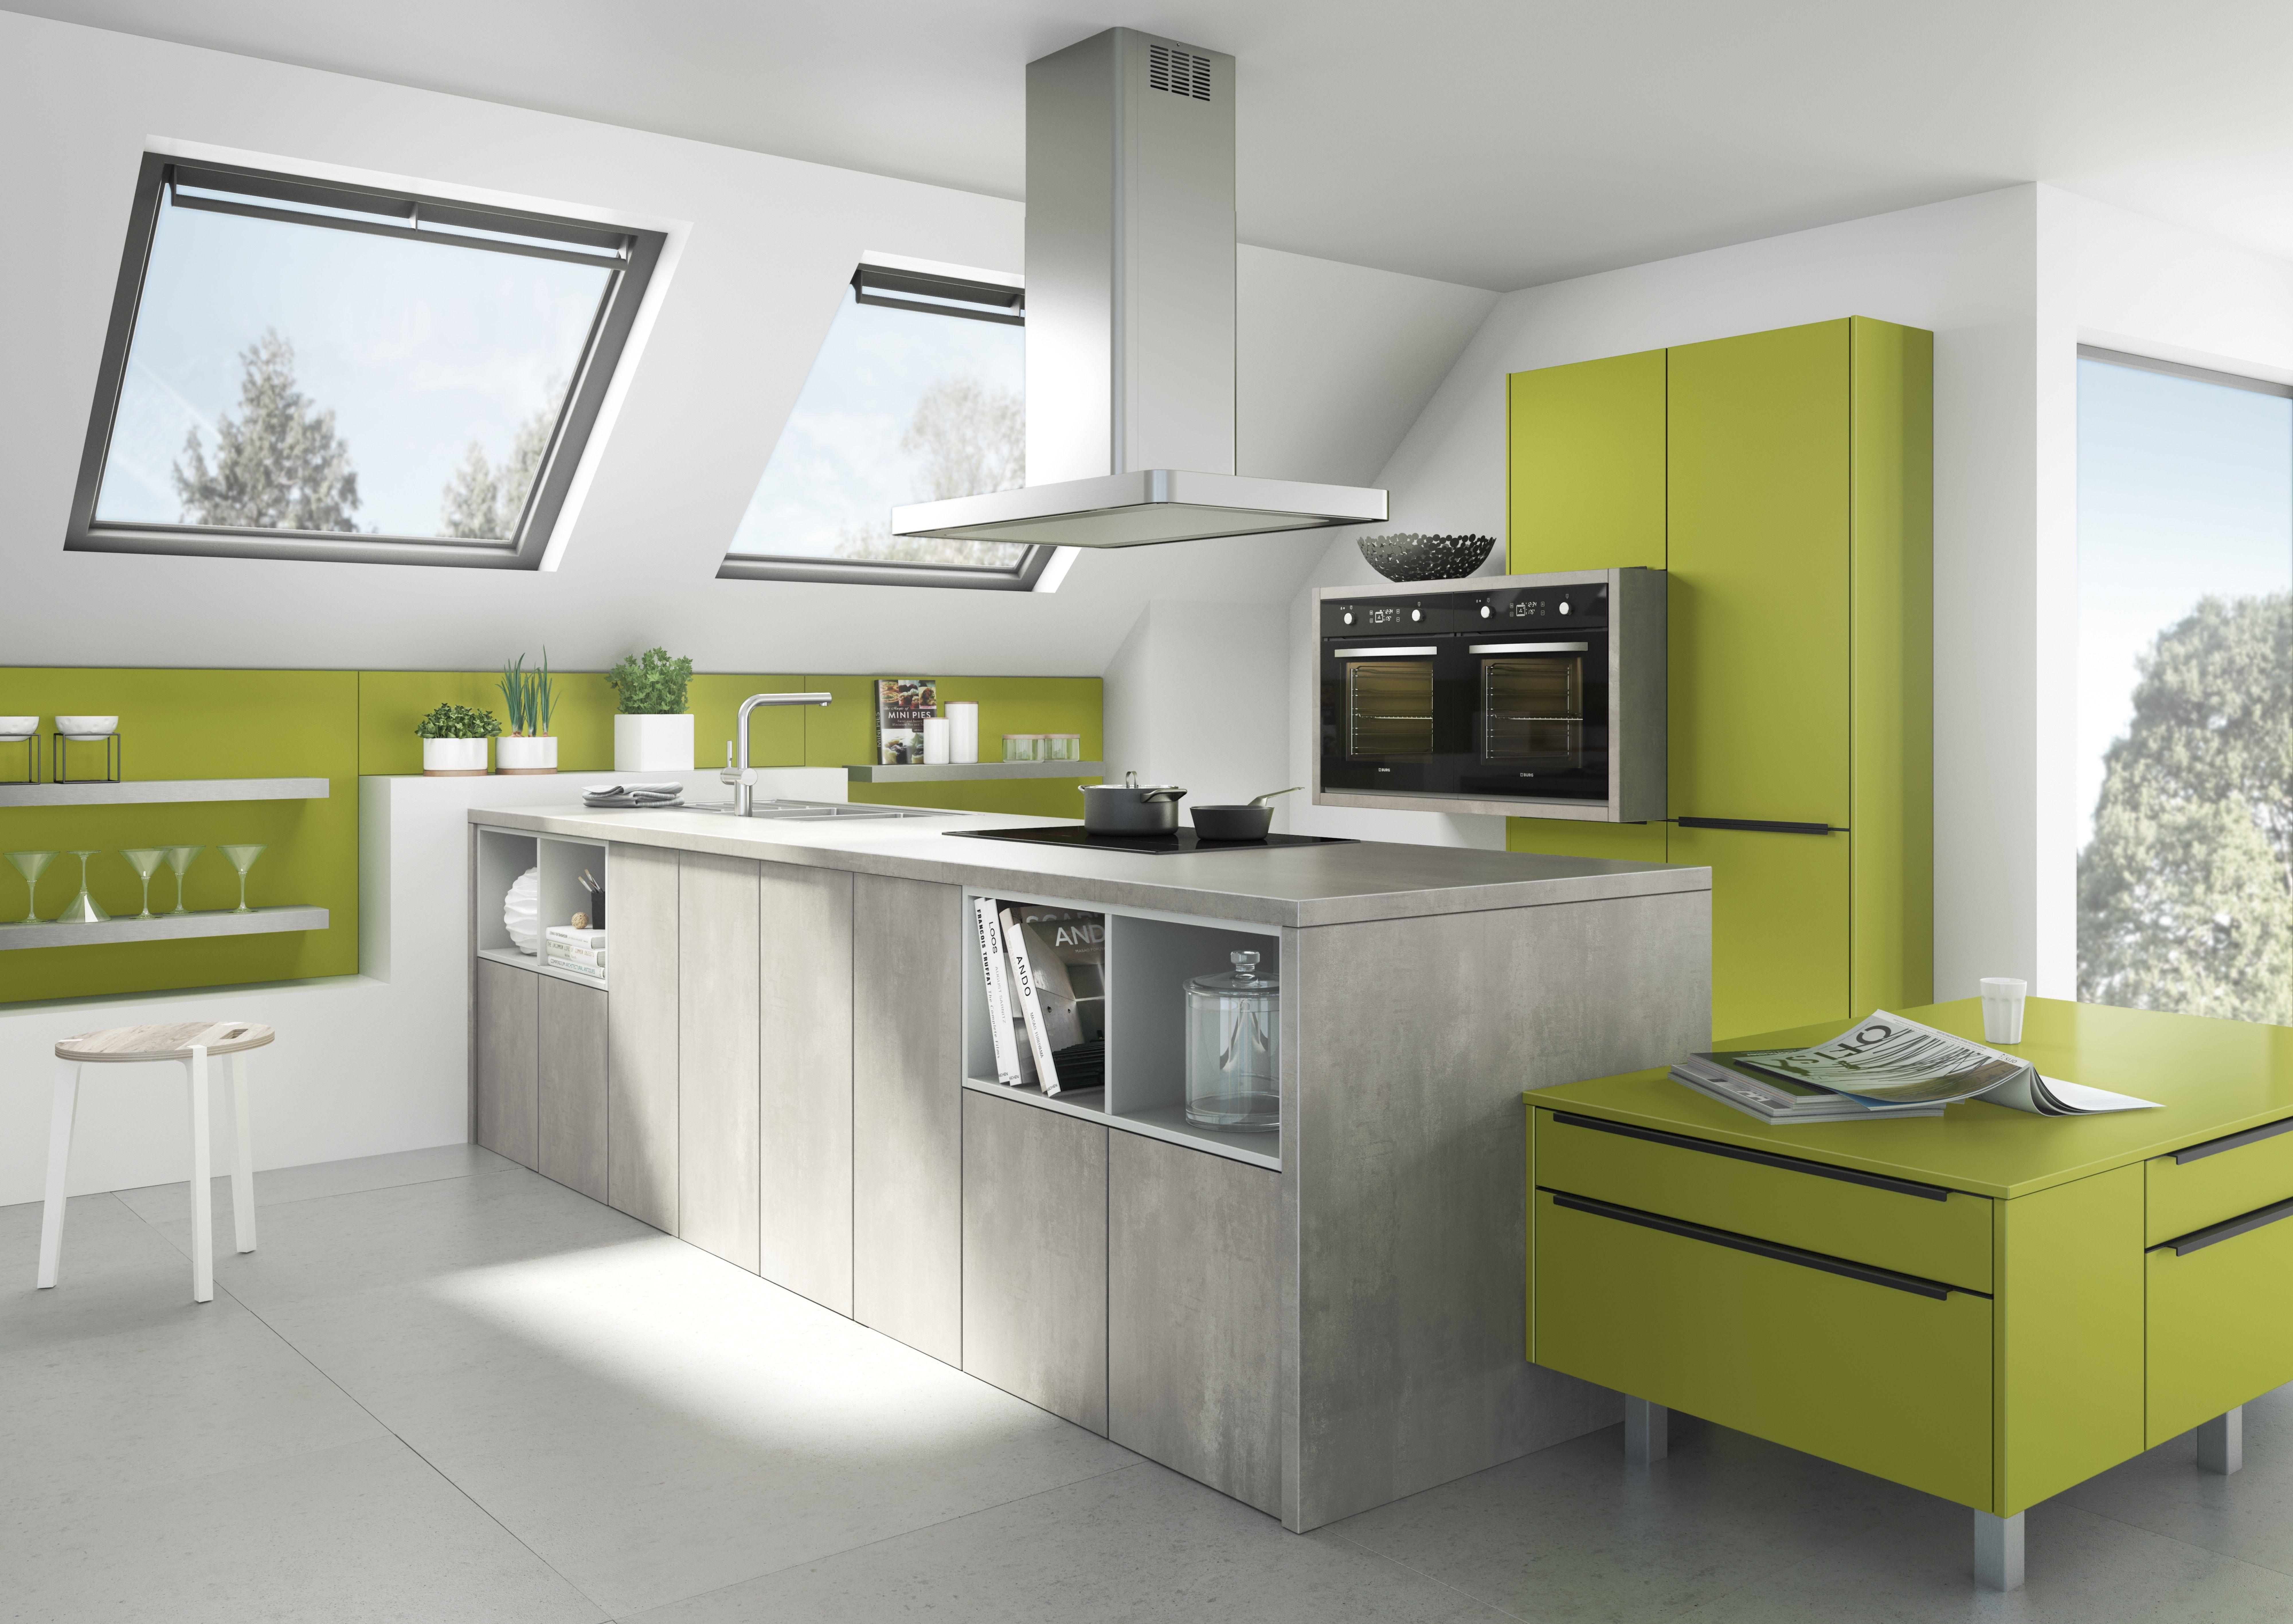 Farben machen das Leben interessanter. So auch bei Küchen